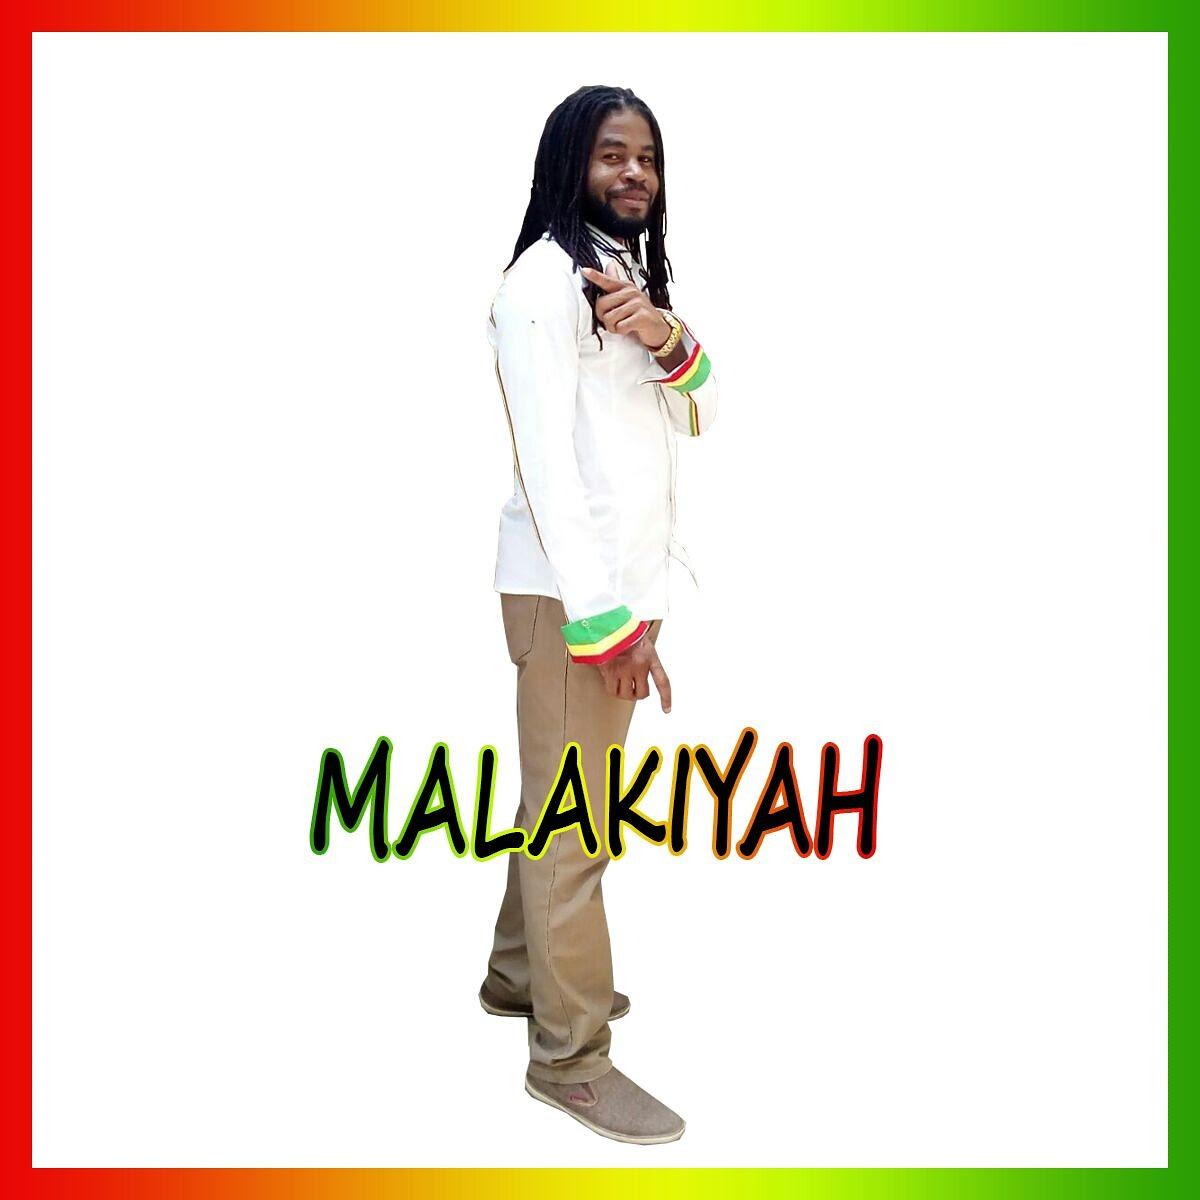 Malakiyah